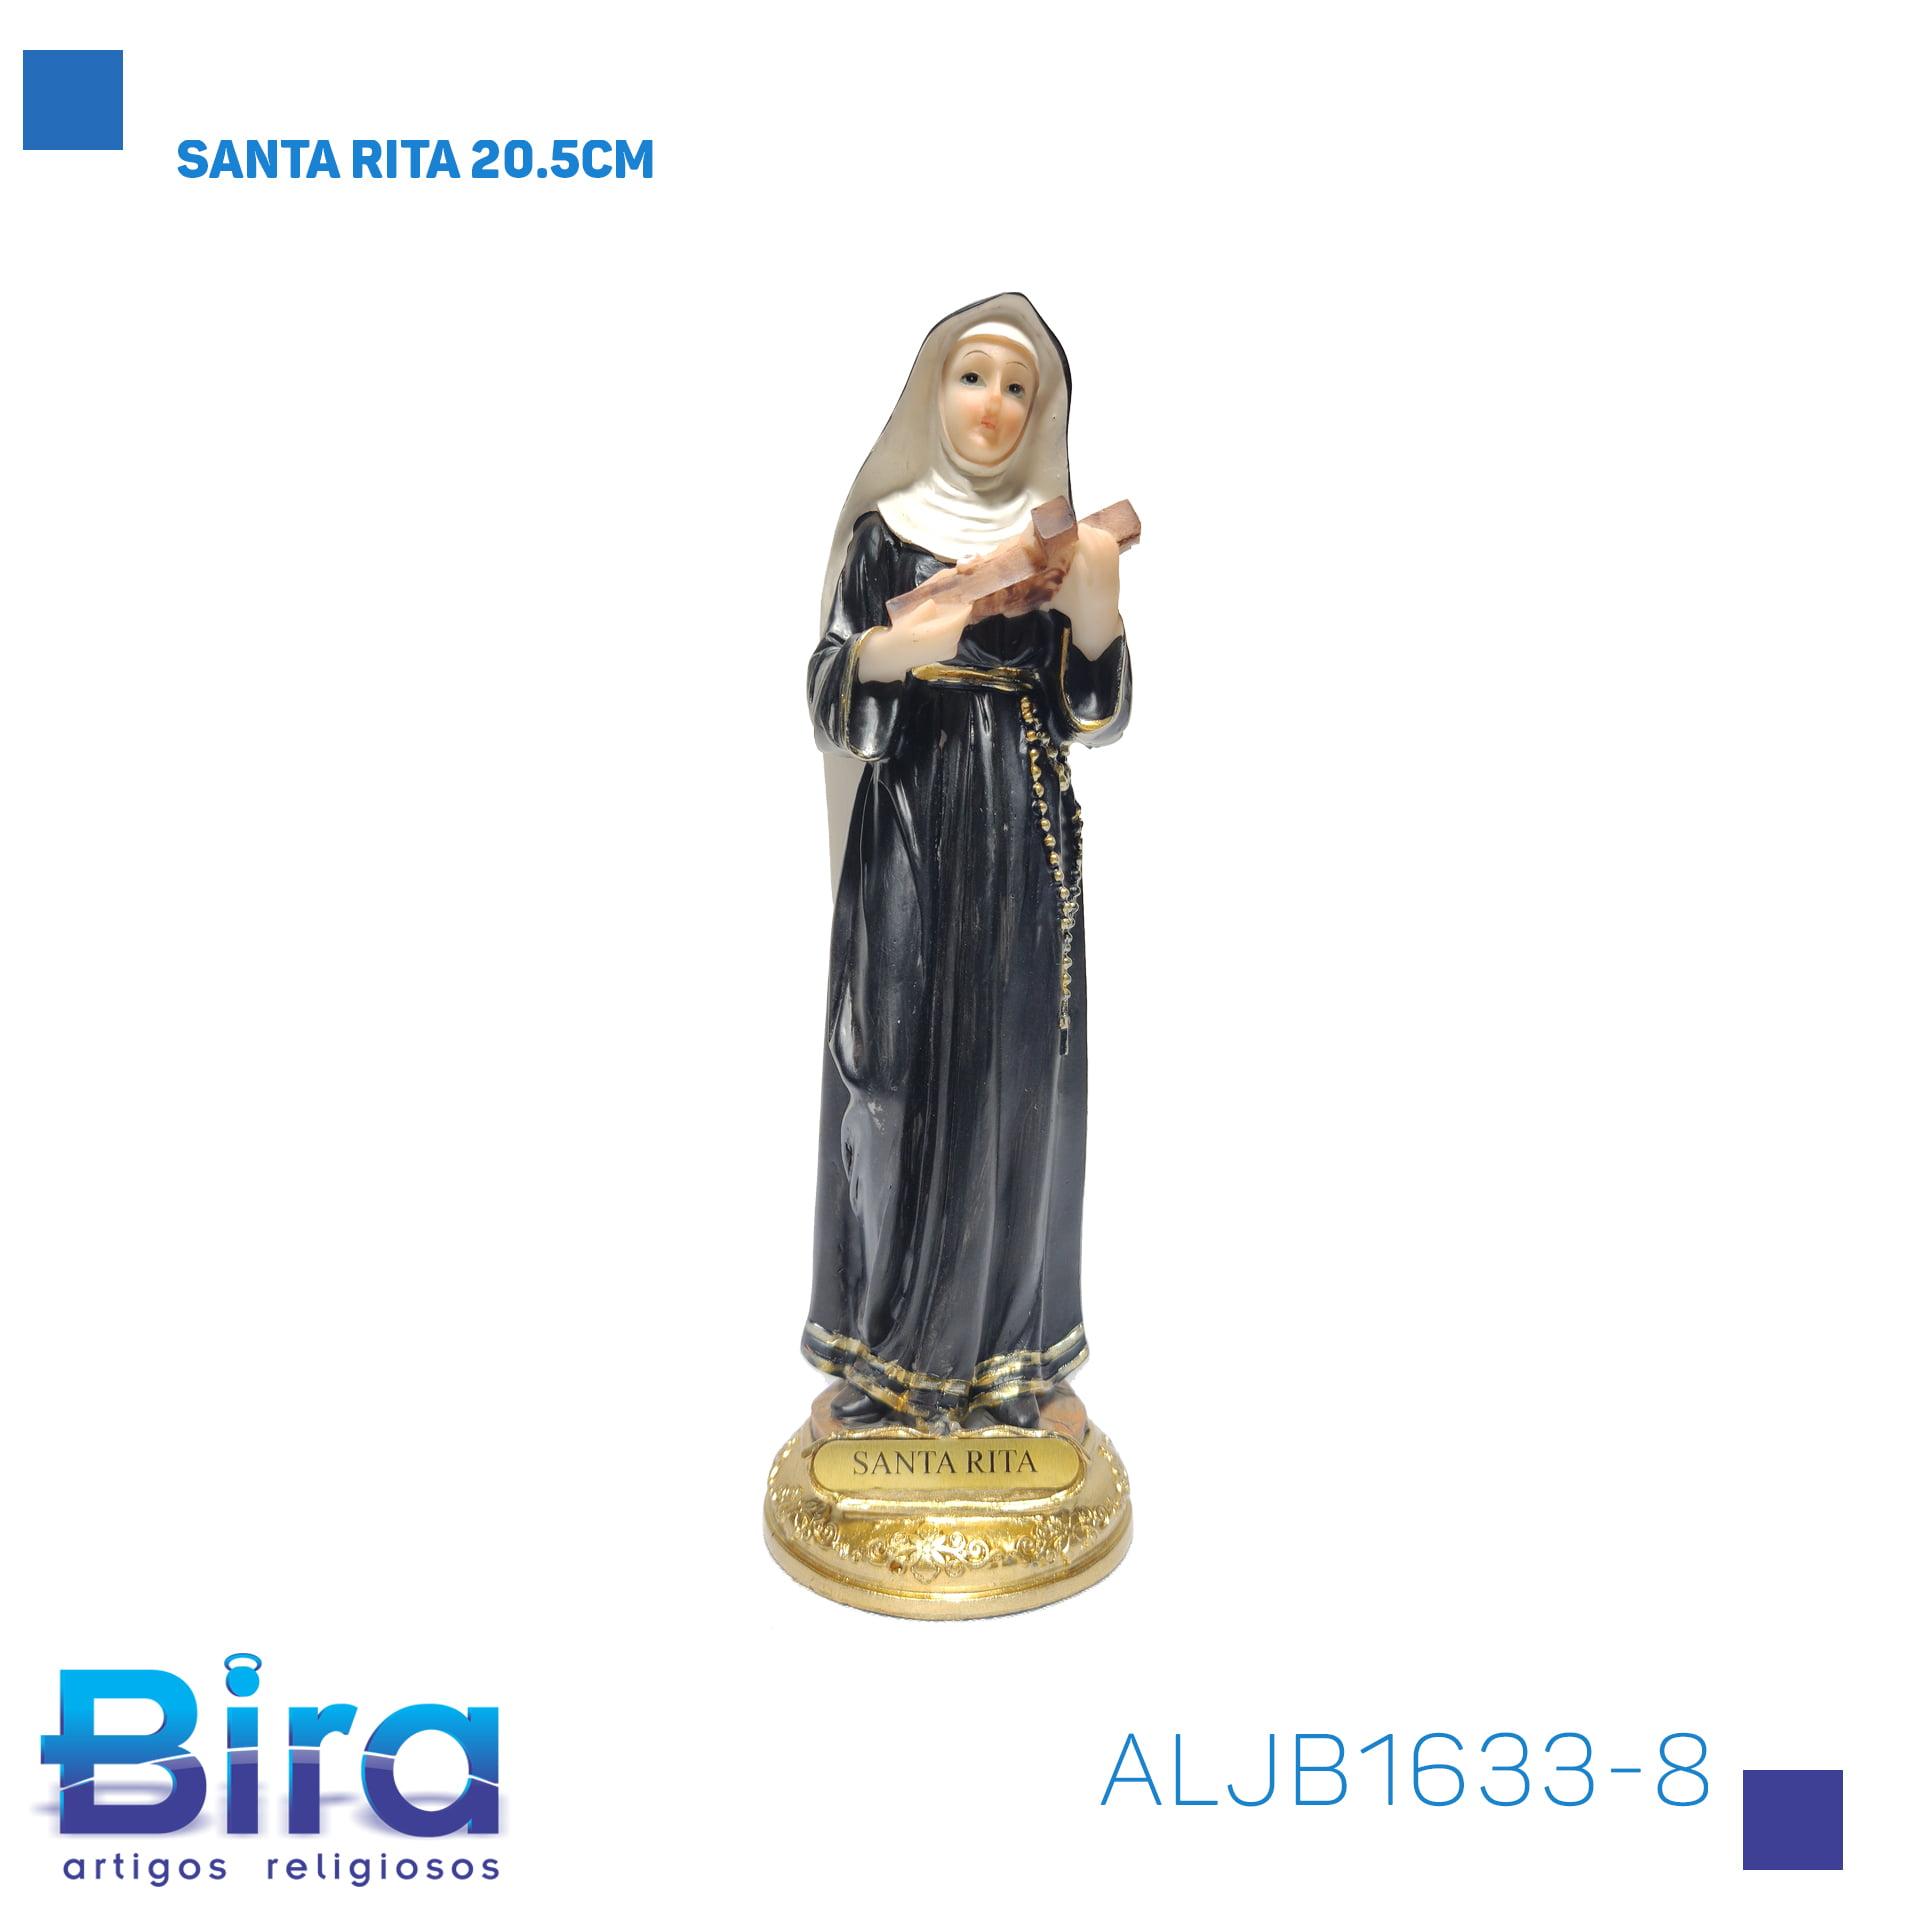 Bira Artigos Religiosos - SANTA RITA 20.5CM Cód. ALJB1633-8